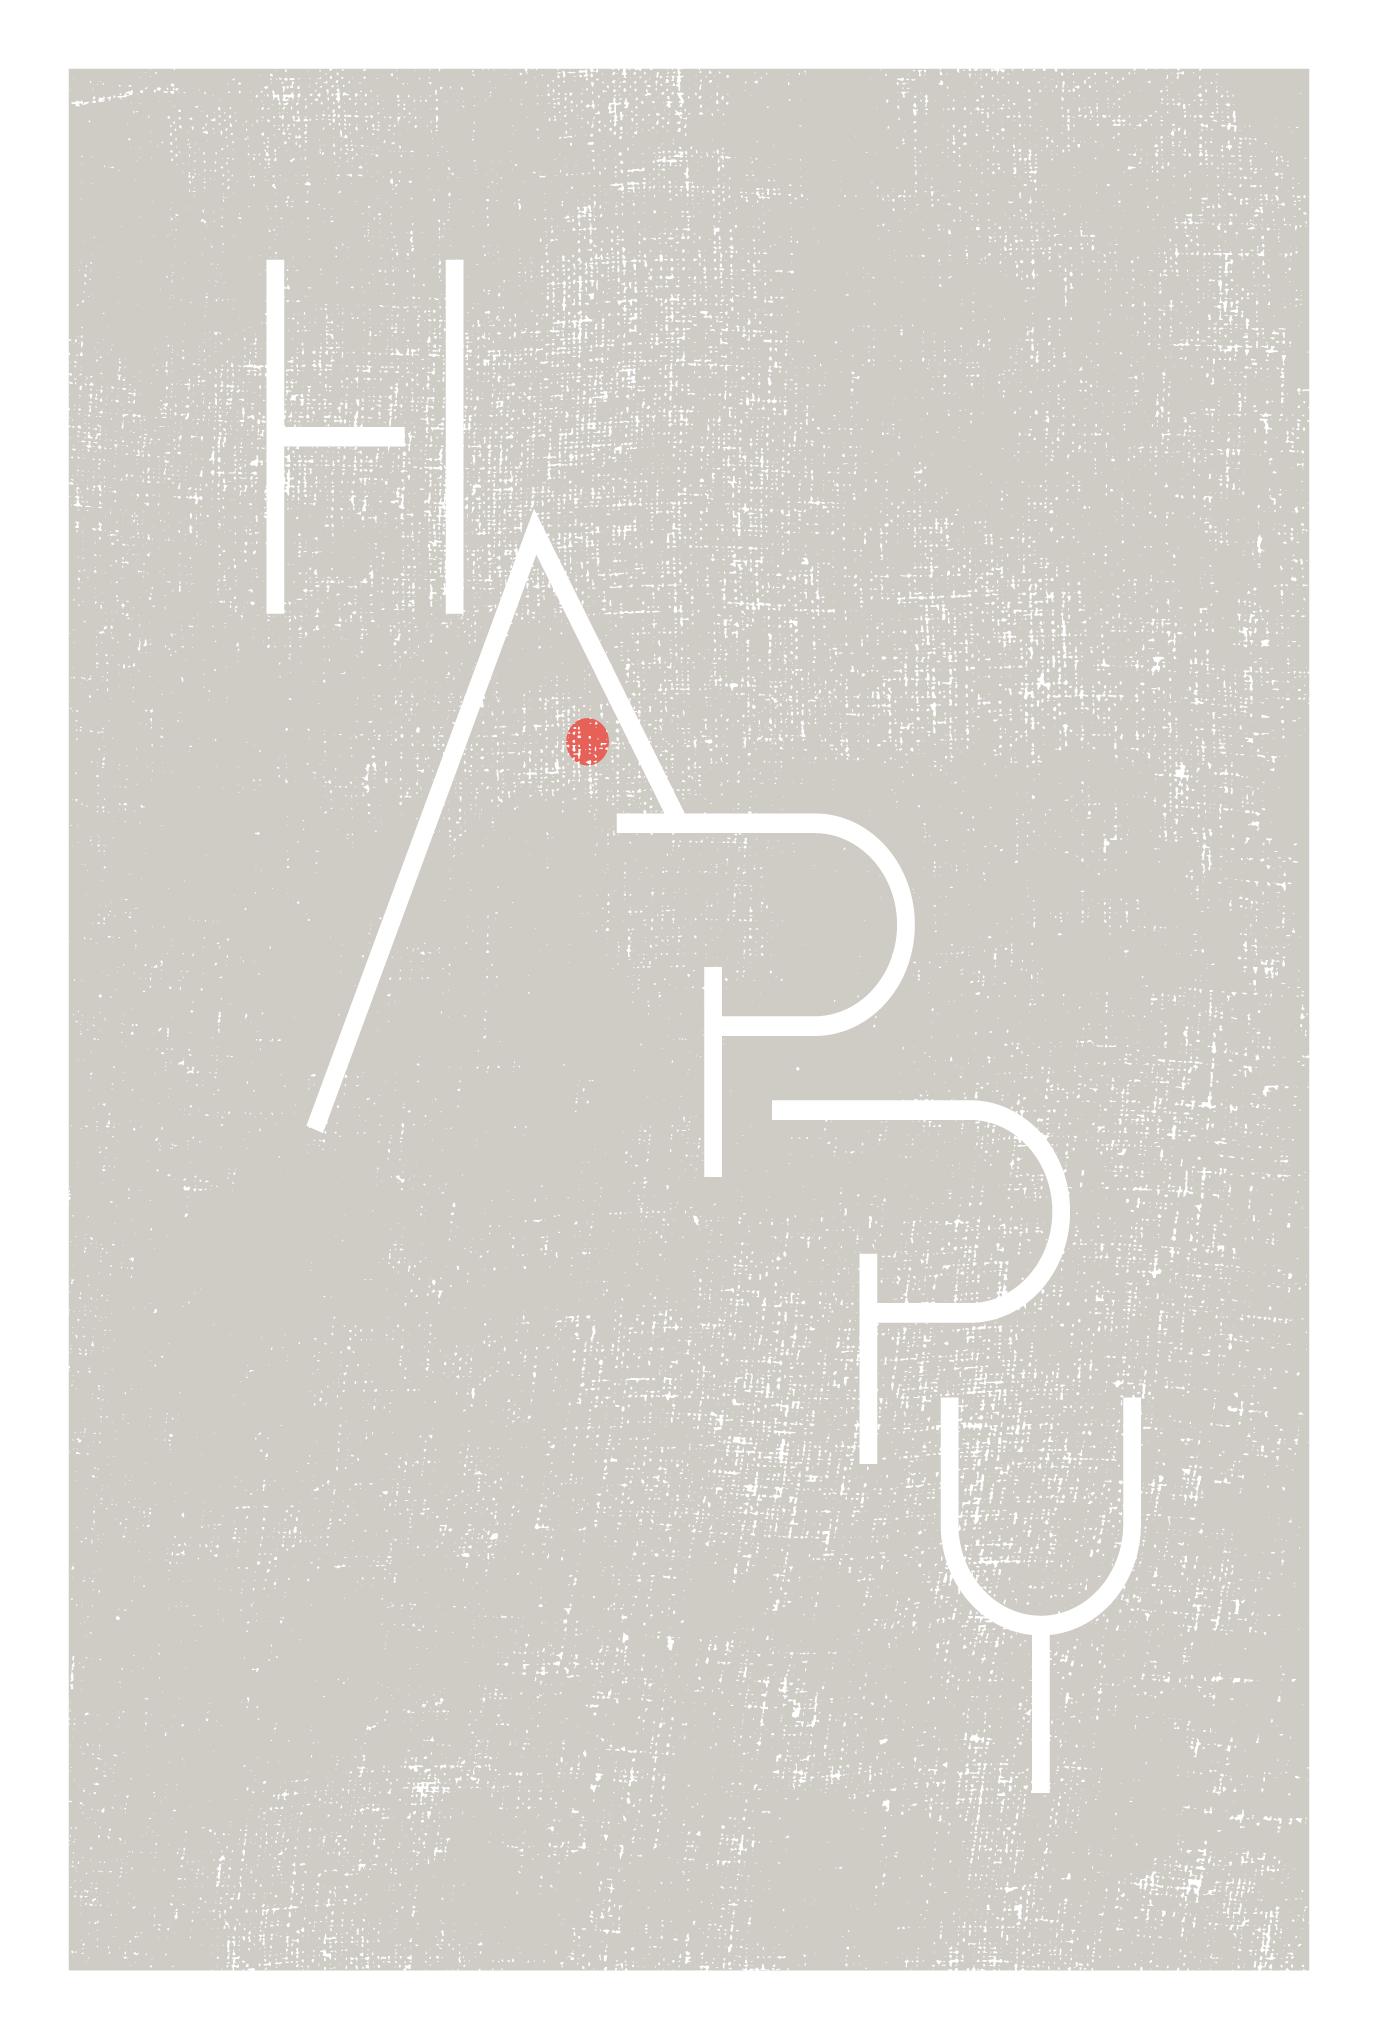 2020年賀状14-2:HAPPY MOUSE / A(銀鼠)のダウンロード画像